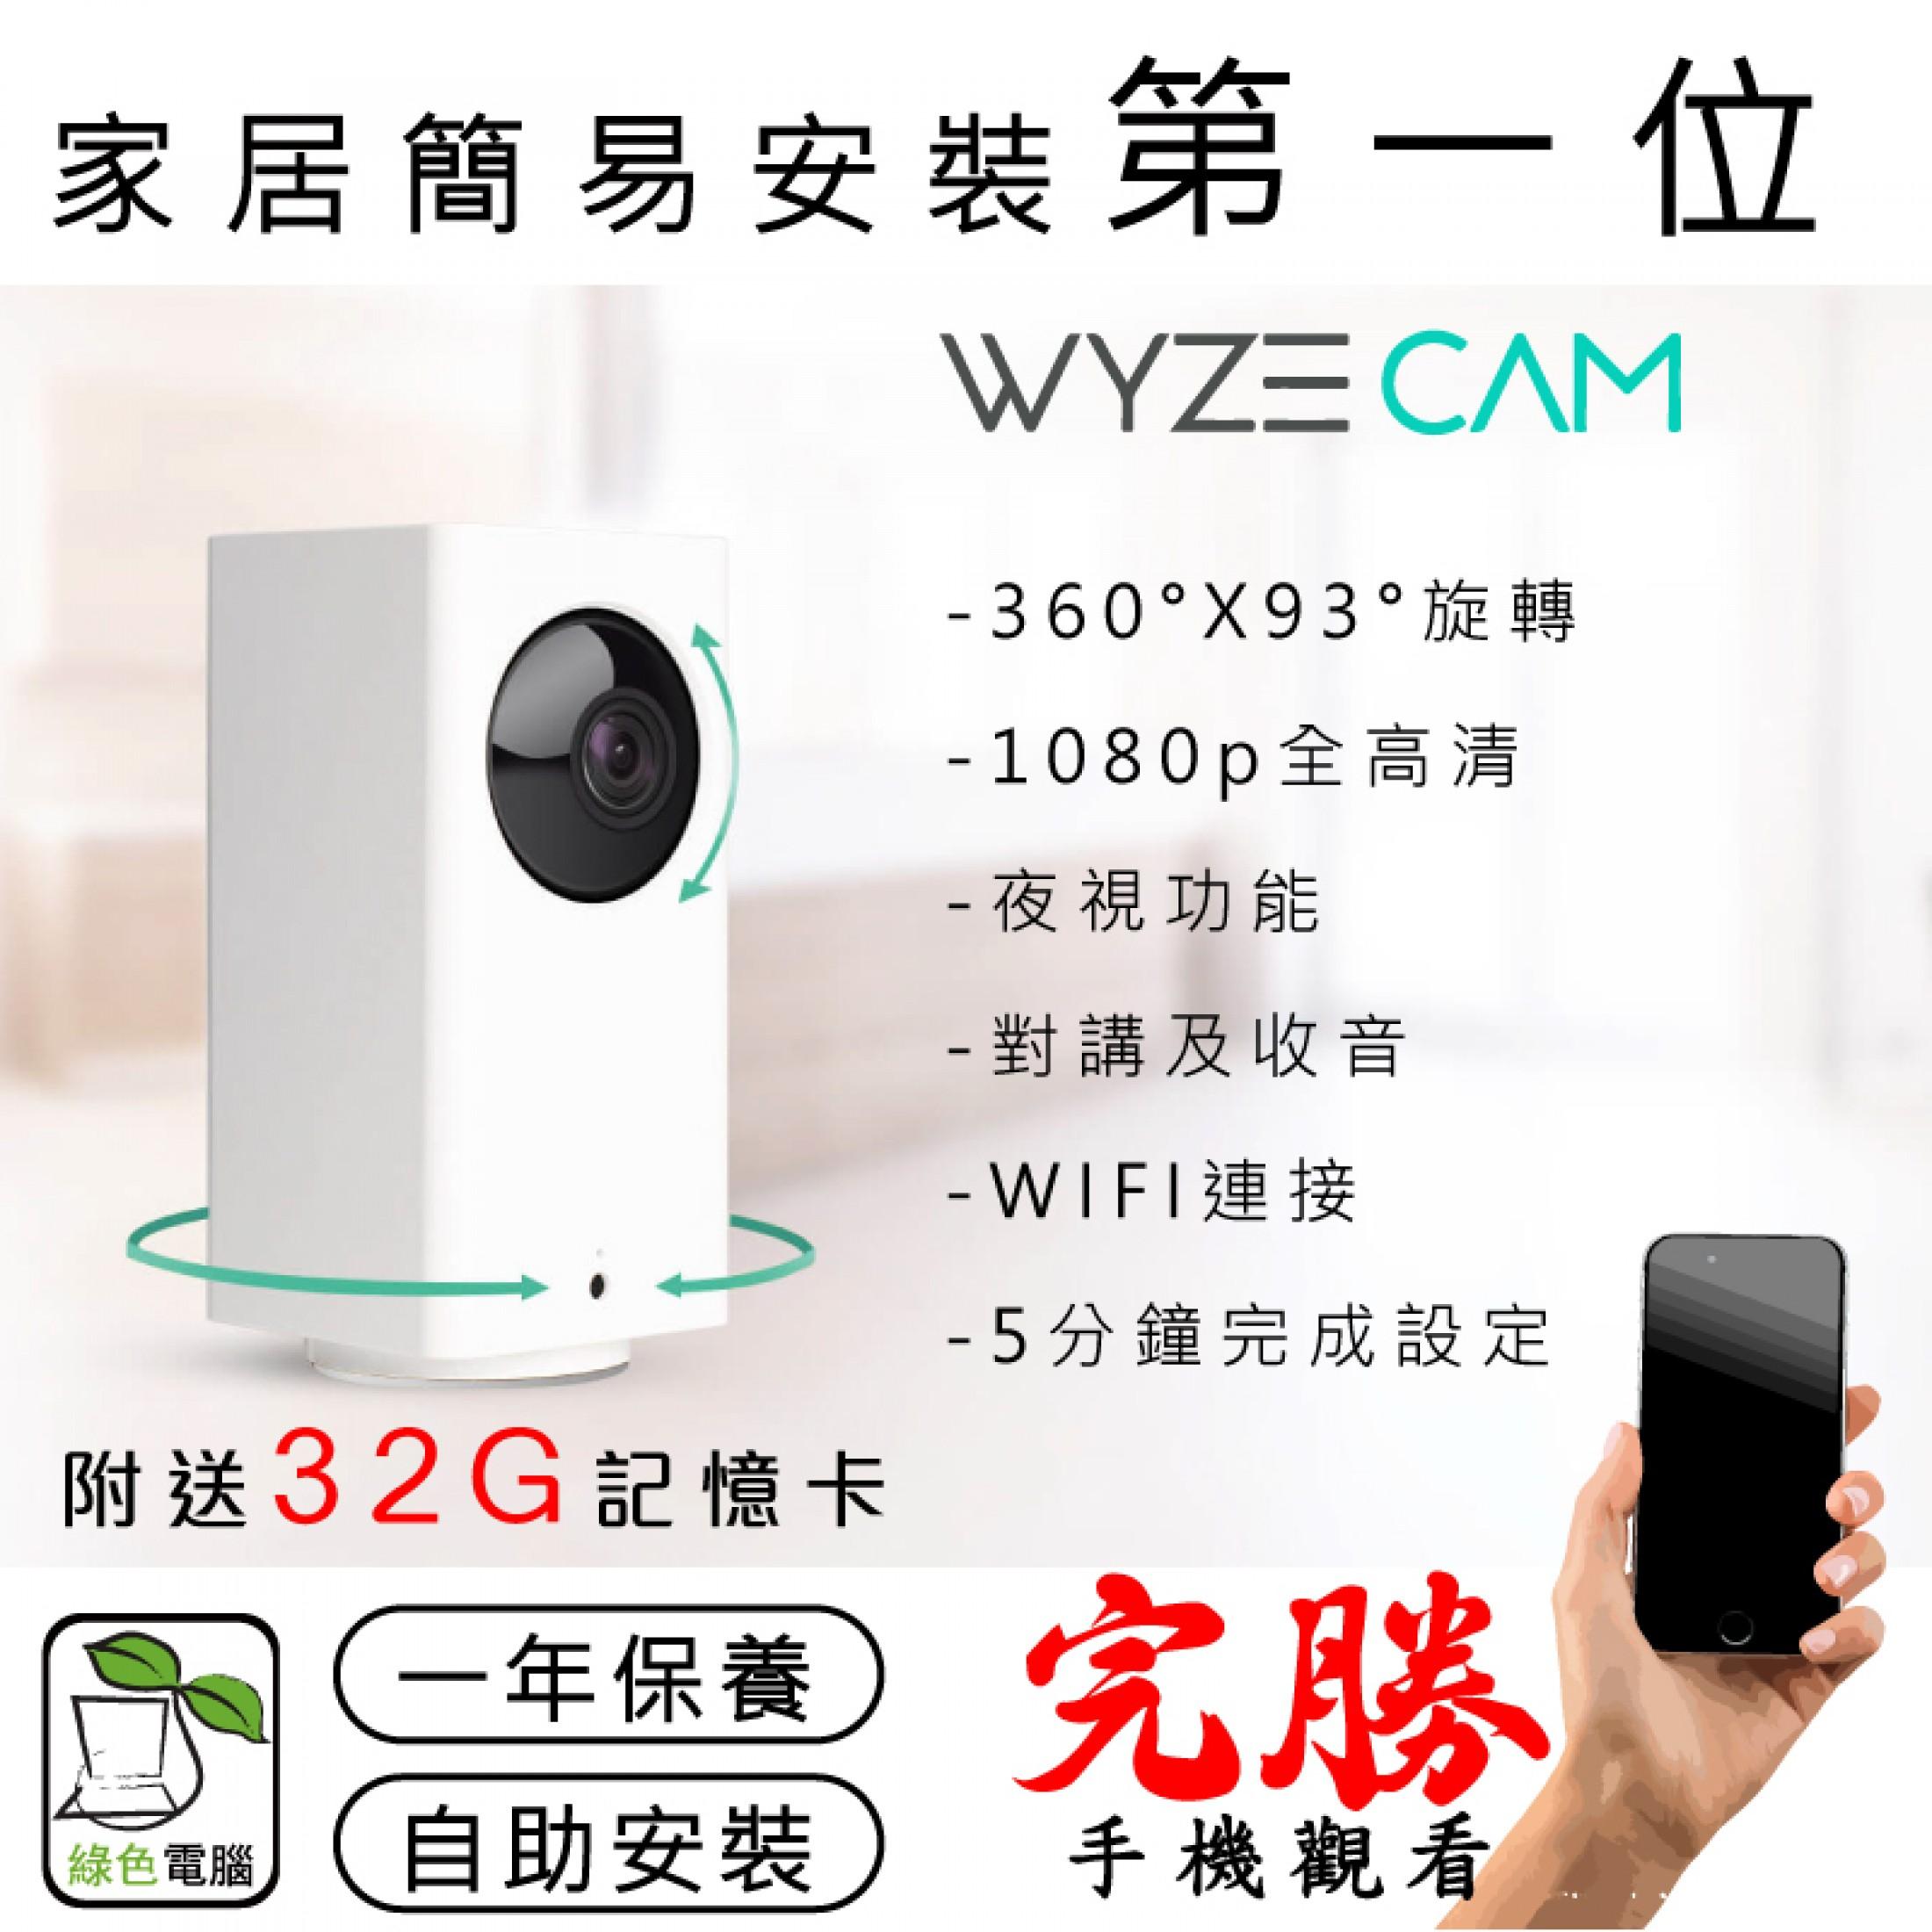 簡易家居PTZ之選 - Wyze cam pan 1080P WIFI PTZ 數碼鏡頭 (收音/對講/夜視)